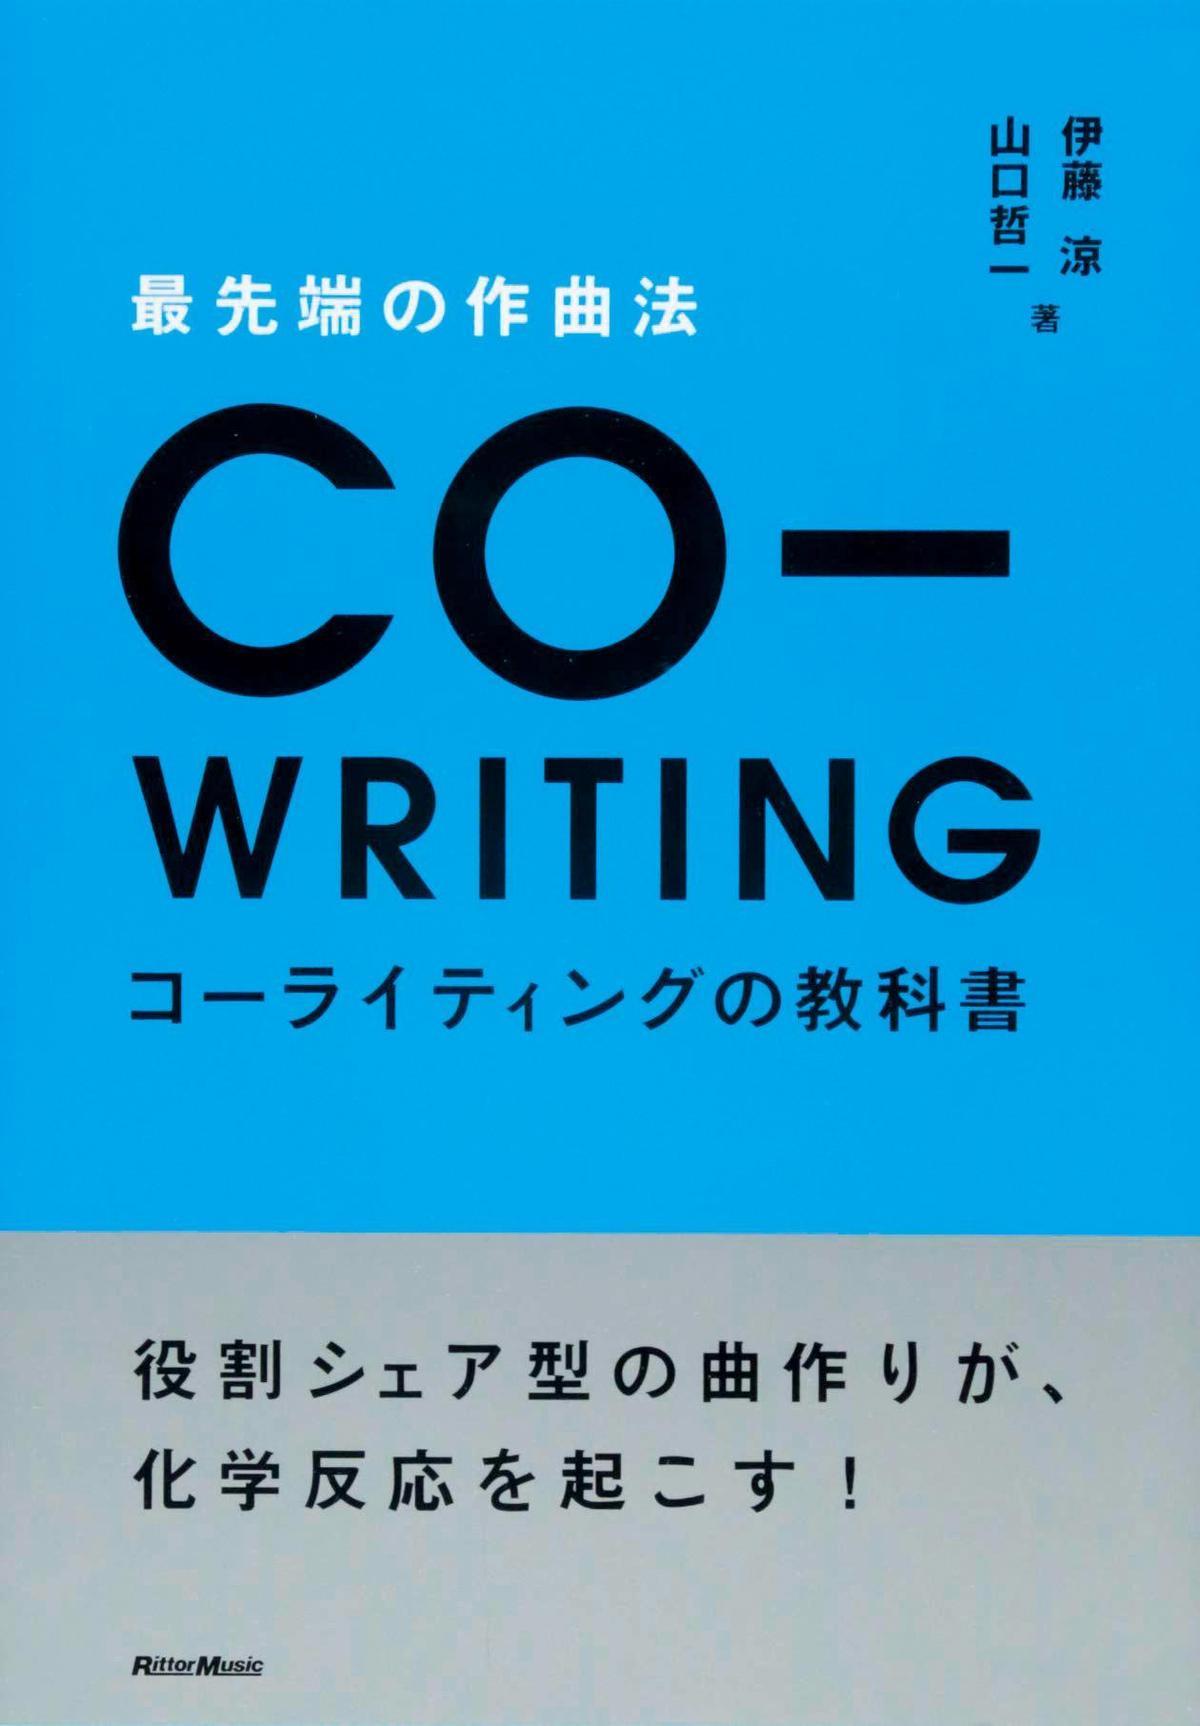 伊藤涼(後左二)除了出書推廣共同創作,也積極舉辦講座、創作營培養人才。(翻攝自日本亞馬遜網站)